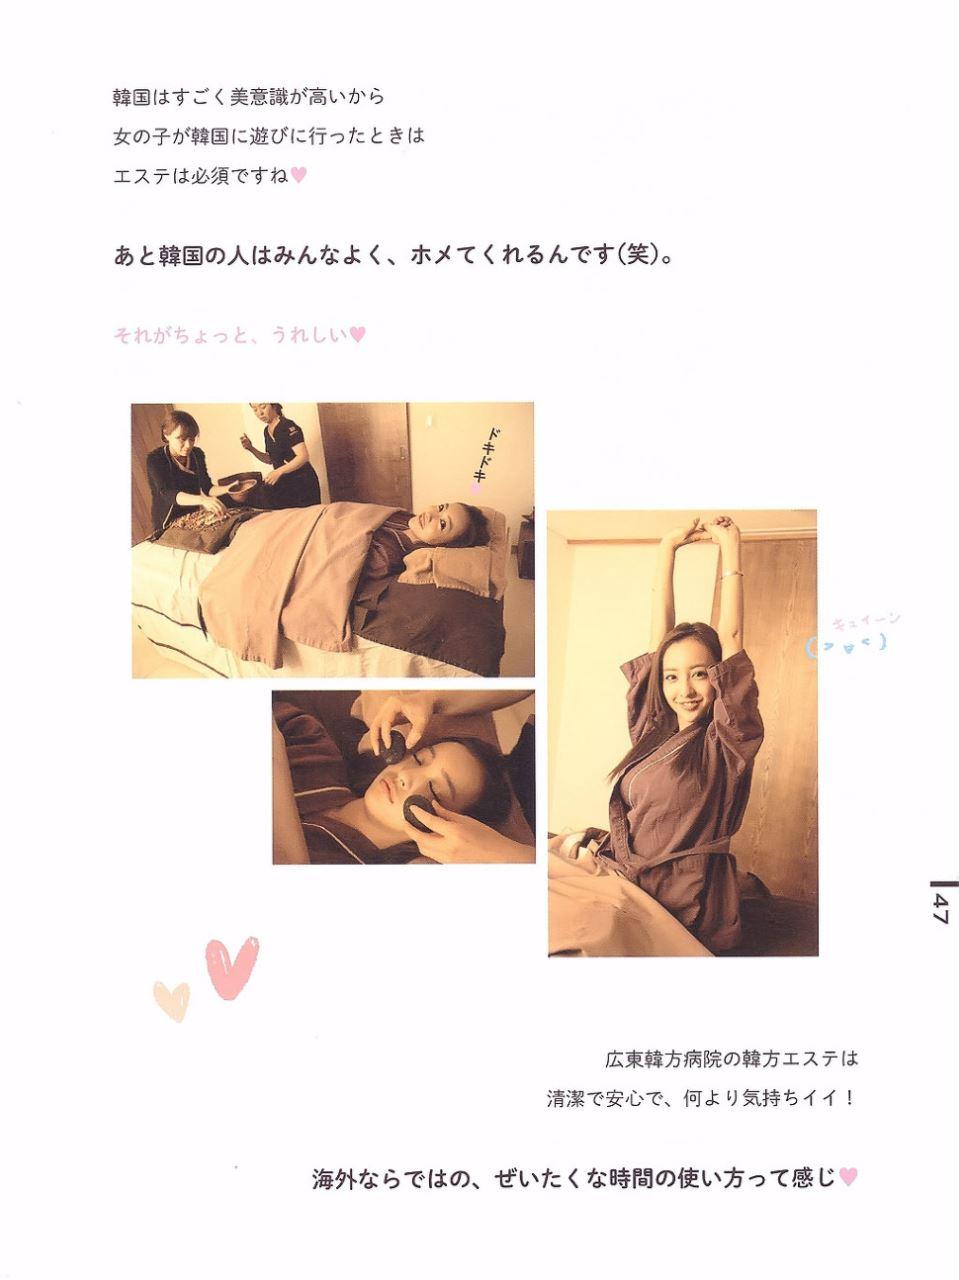 板野友美 すっぴん写真集「Luv U」画像 49